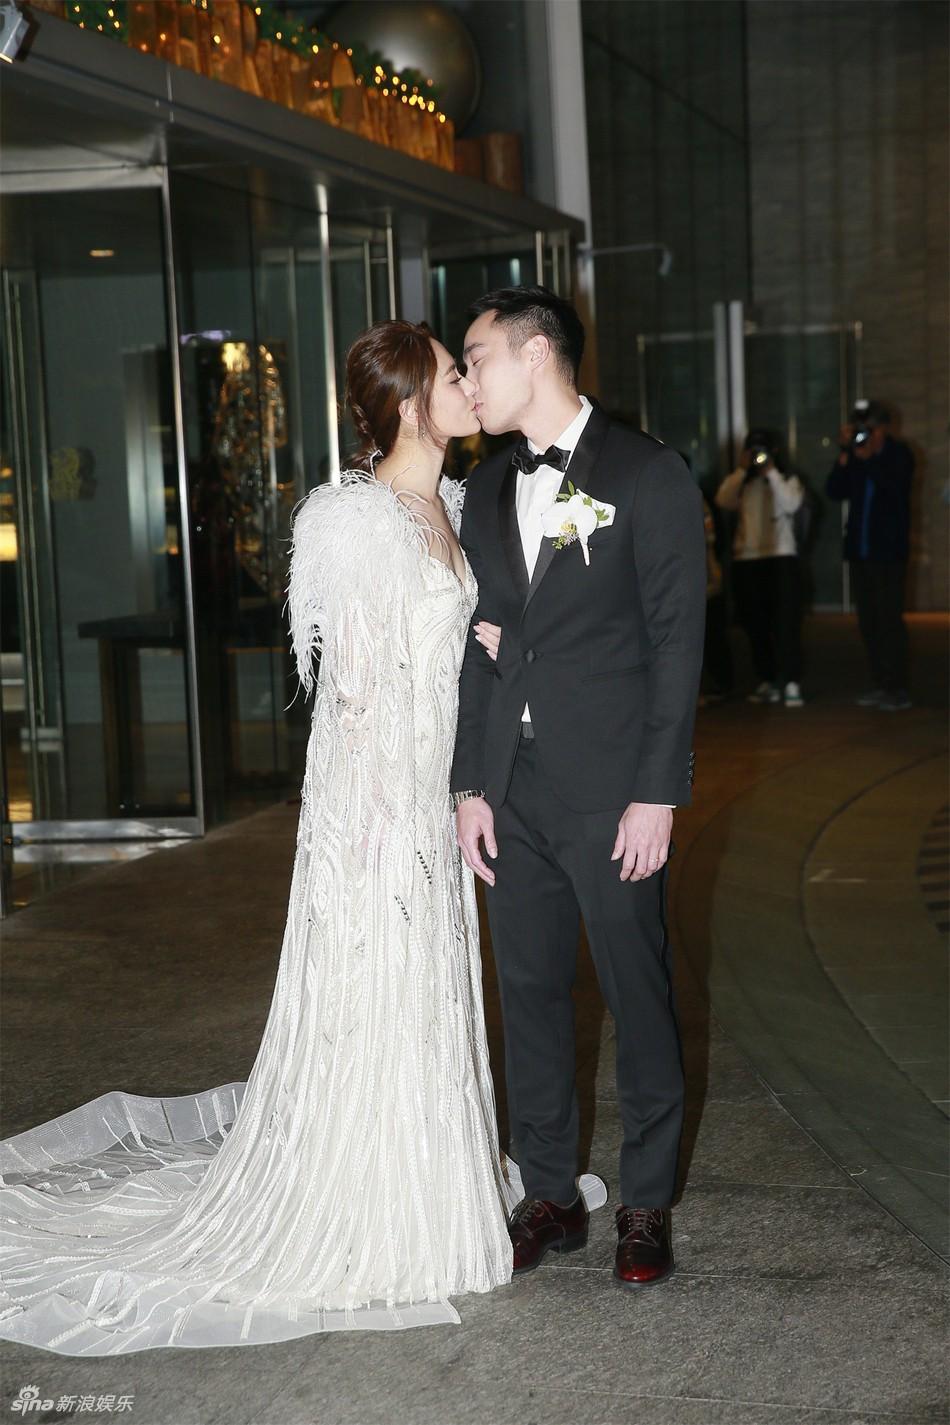 Đám cưới hoành tráng của Chung Hân Đồng: Ông trùm showbiz Hong Kong, con gái tài phiệt Macau cùng dàn sao hạng A tề tựu đông đủ - Ảnh 4.